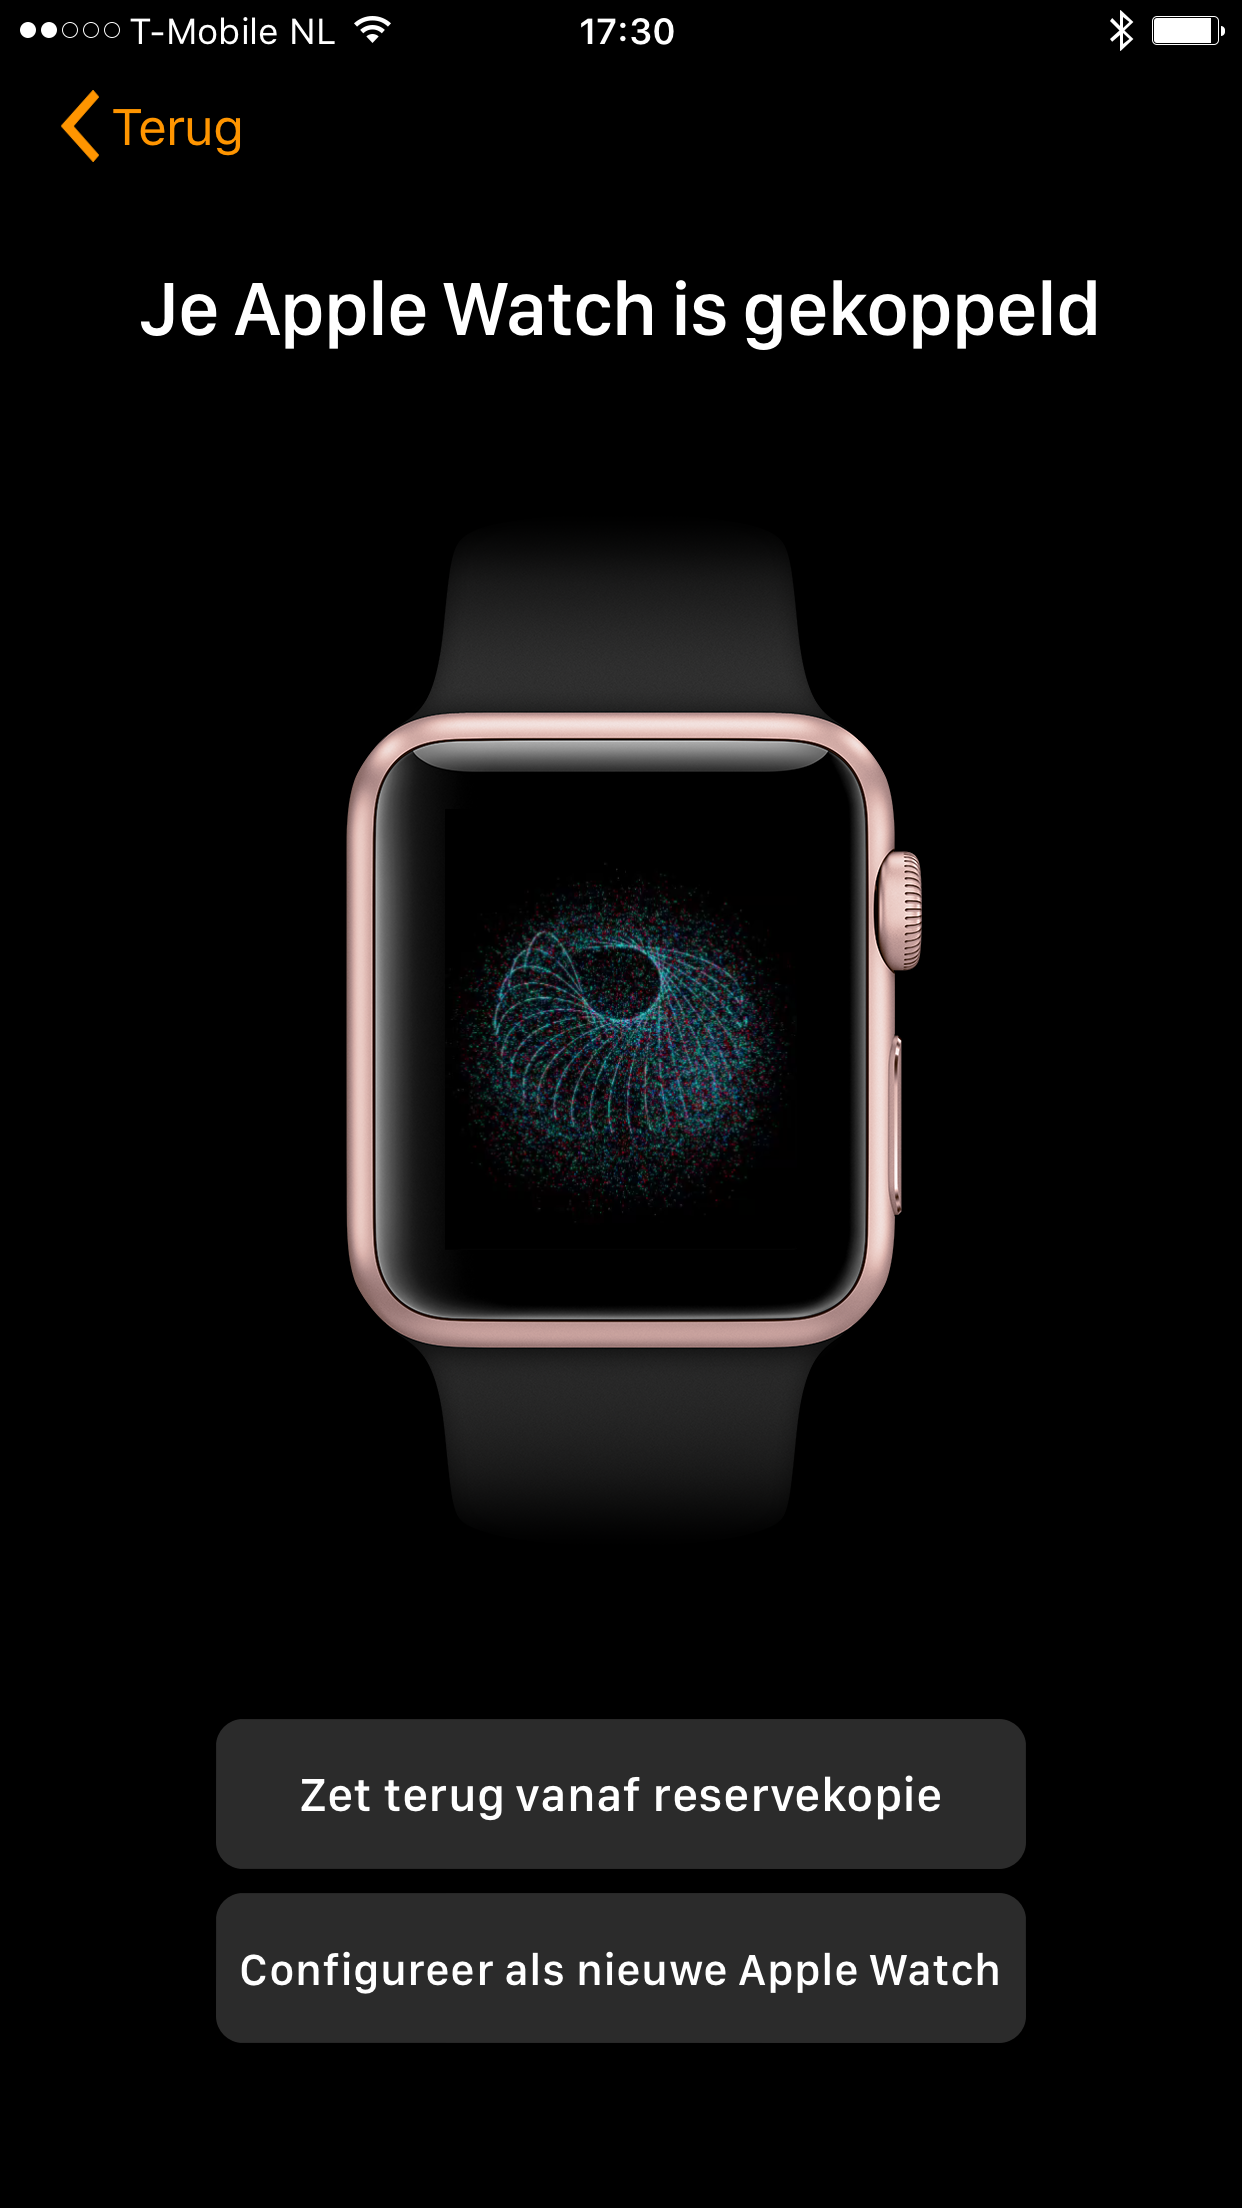 Apple Watch koppelen met reservekopie.